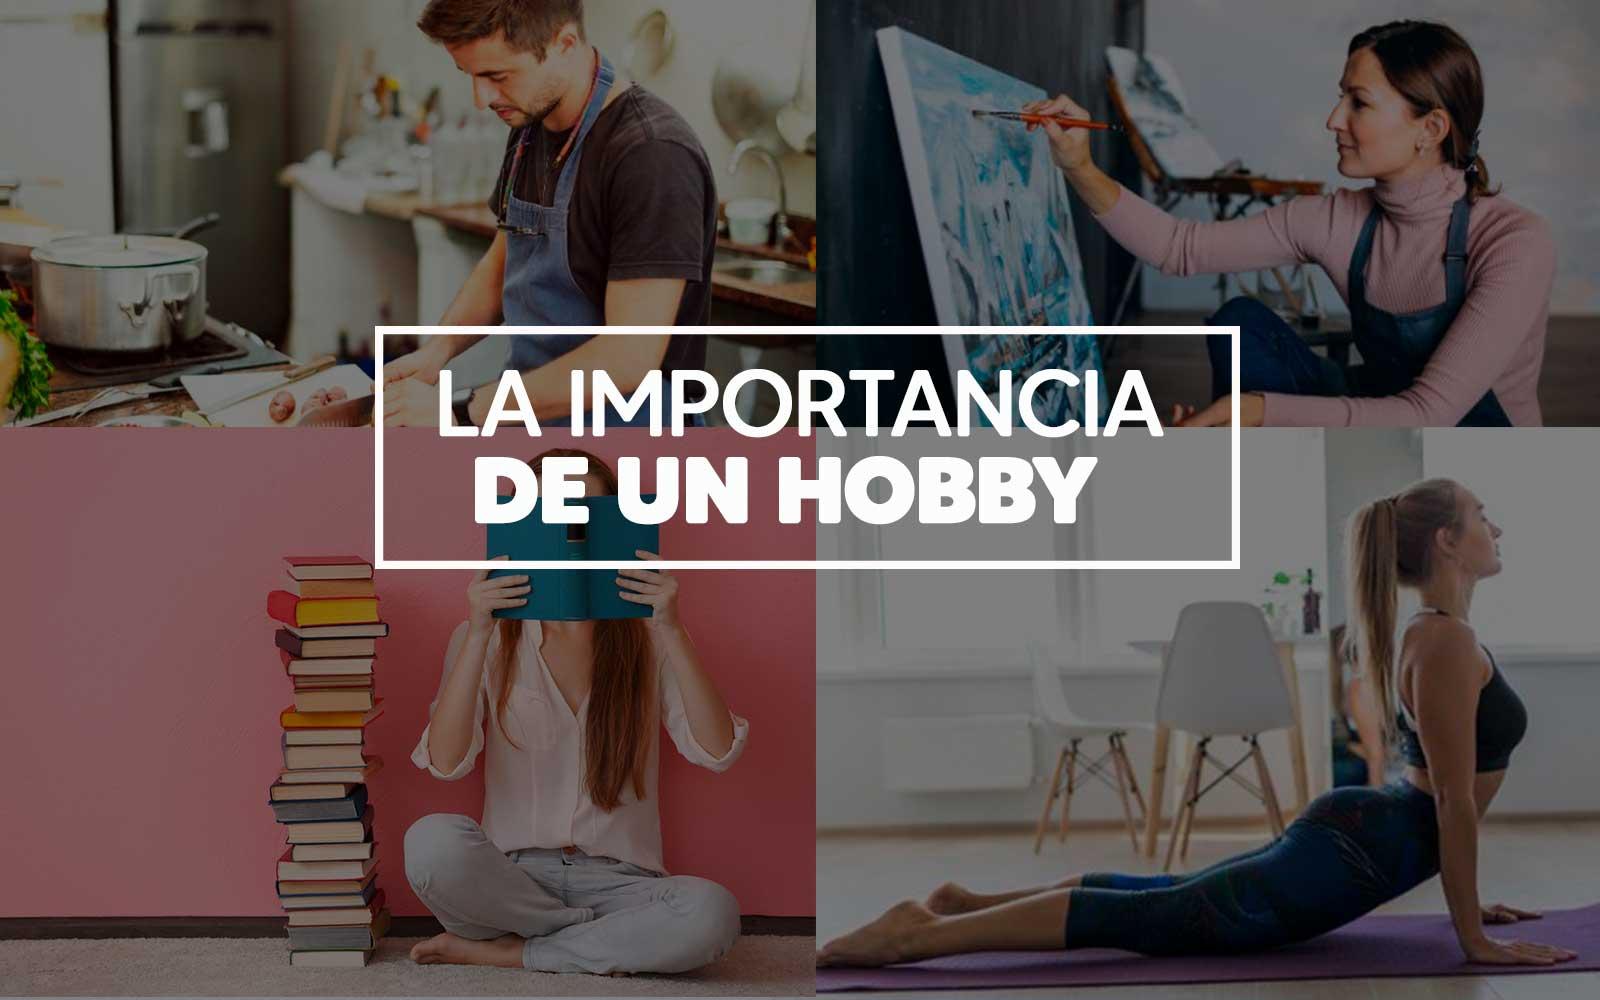 La importancia de un hobby